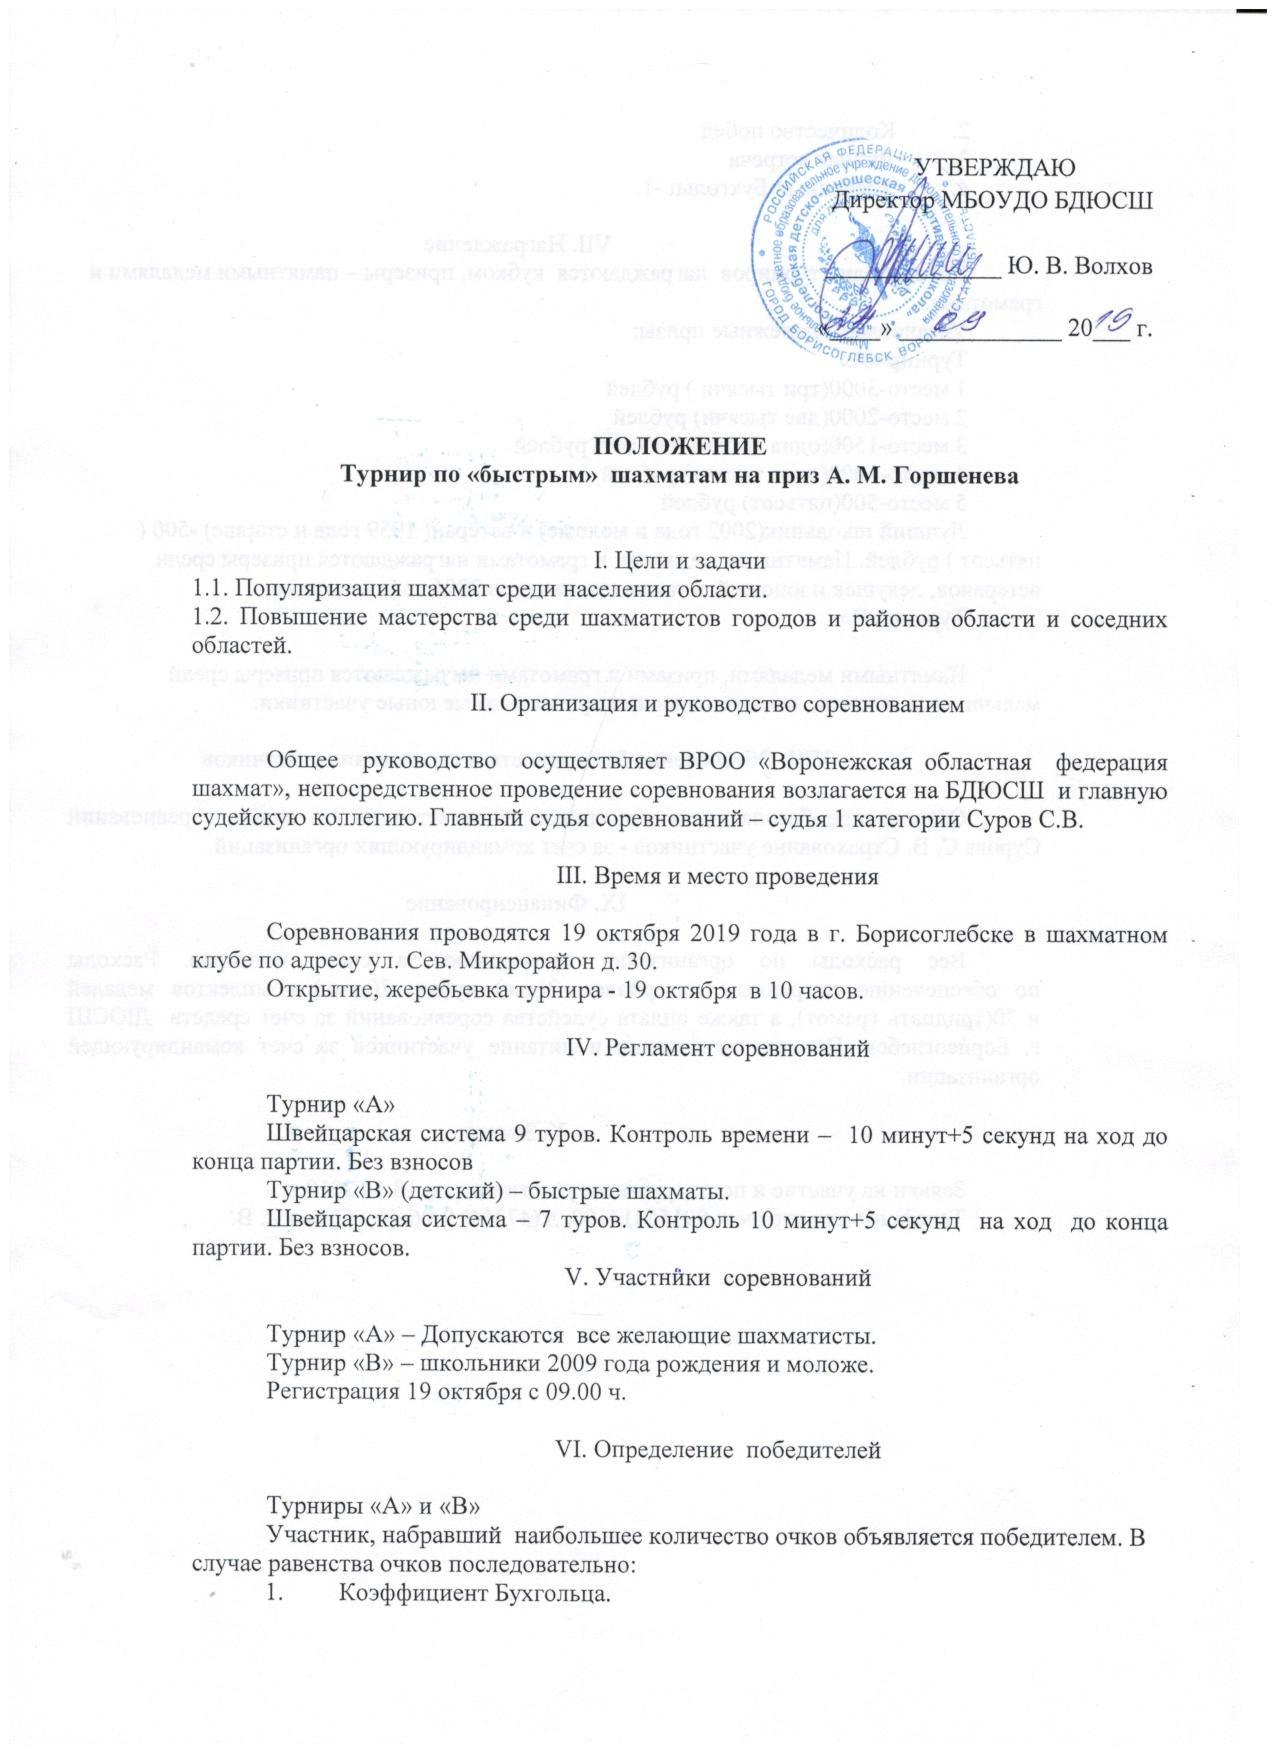 http://sg.uploads.ru/rHXTK.jpg